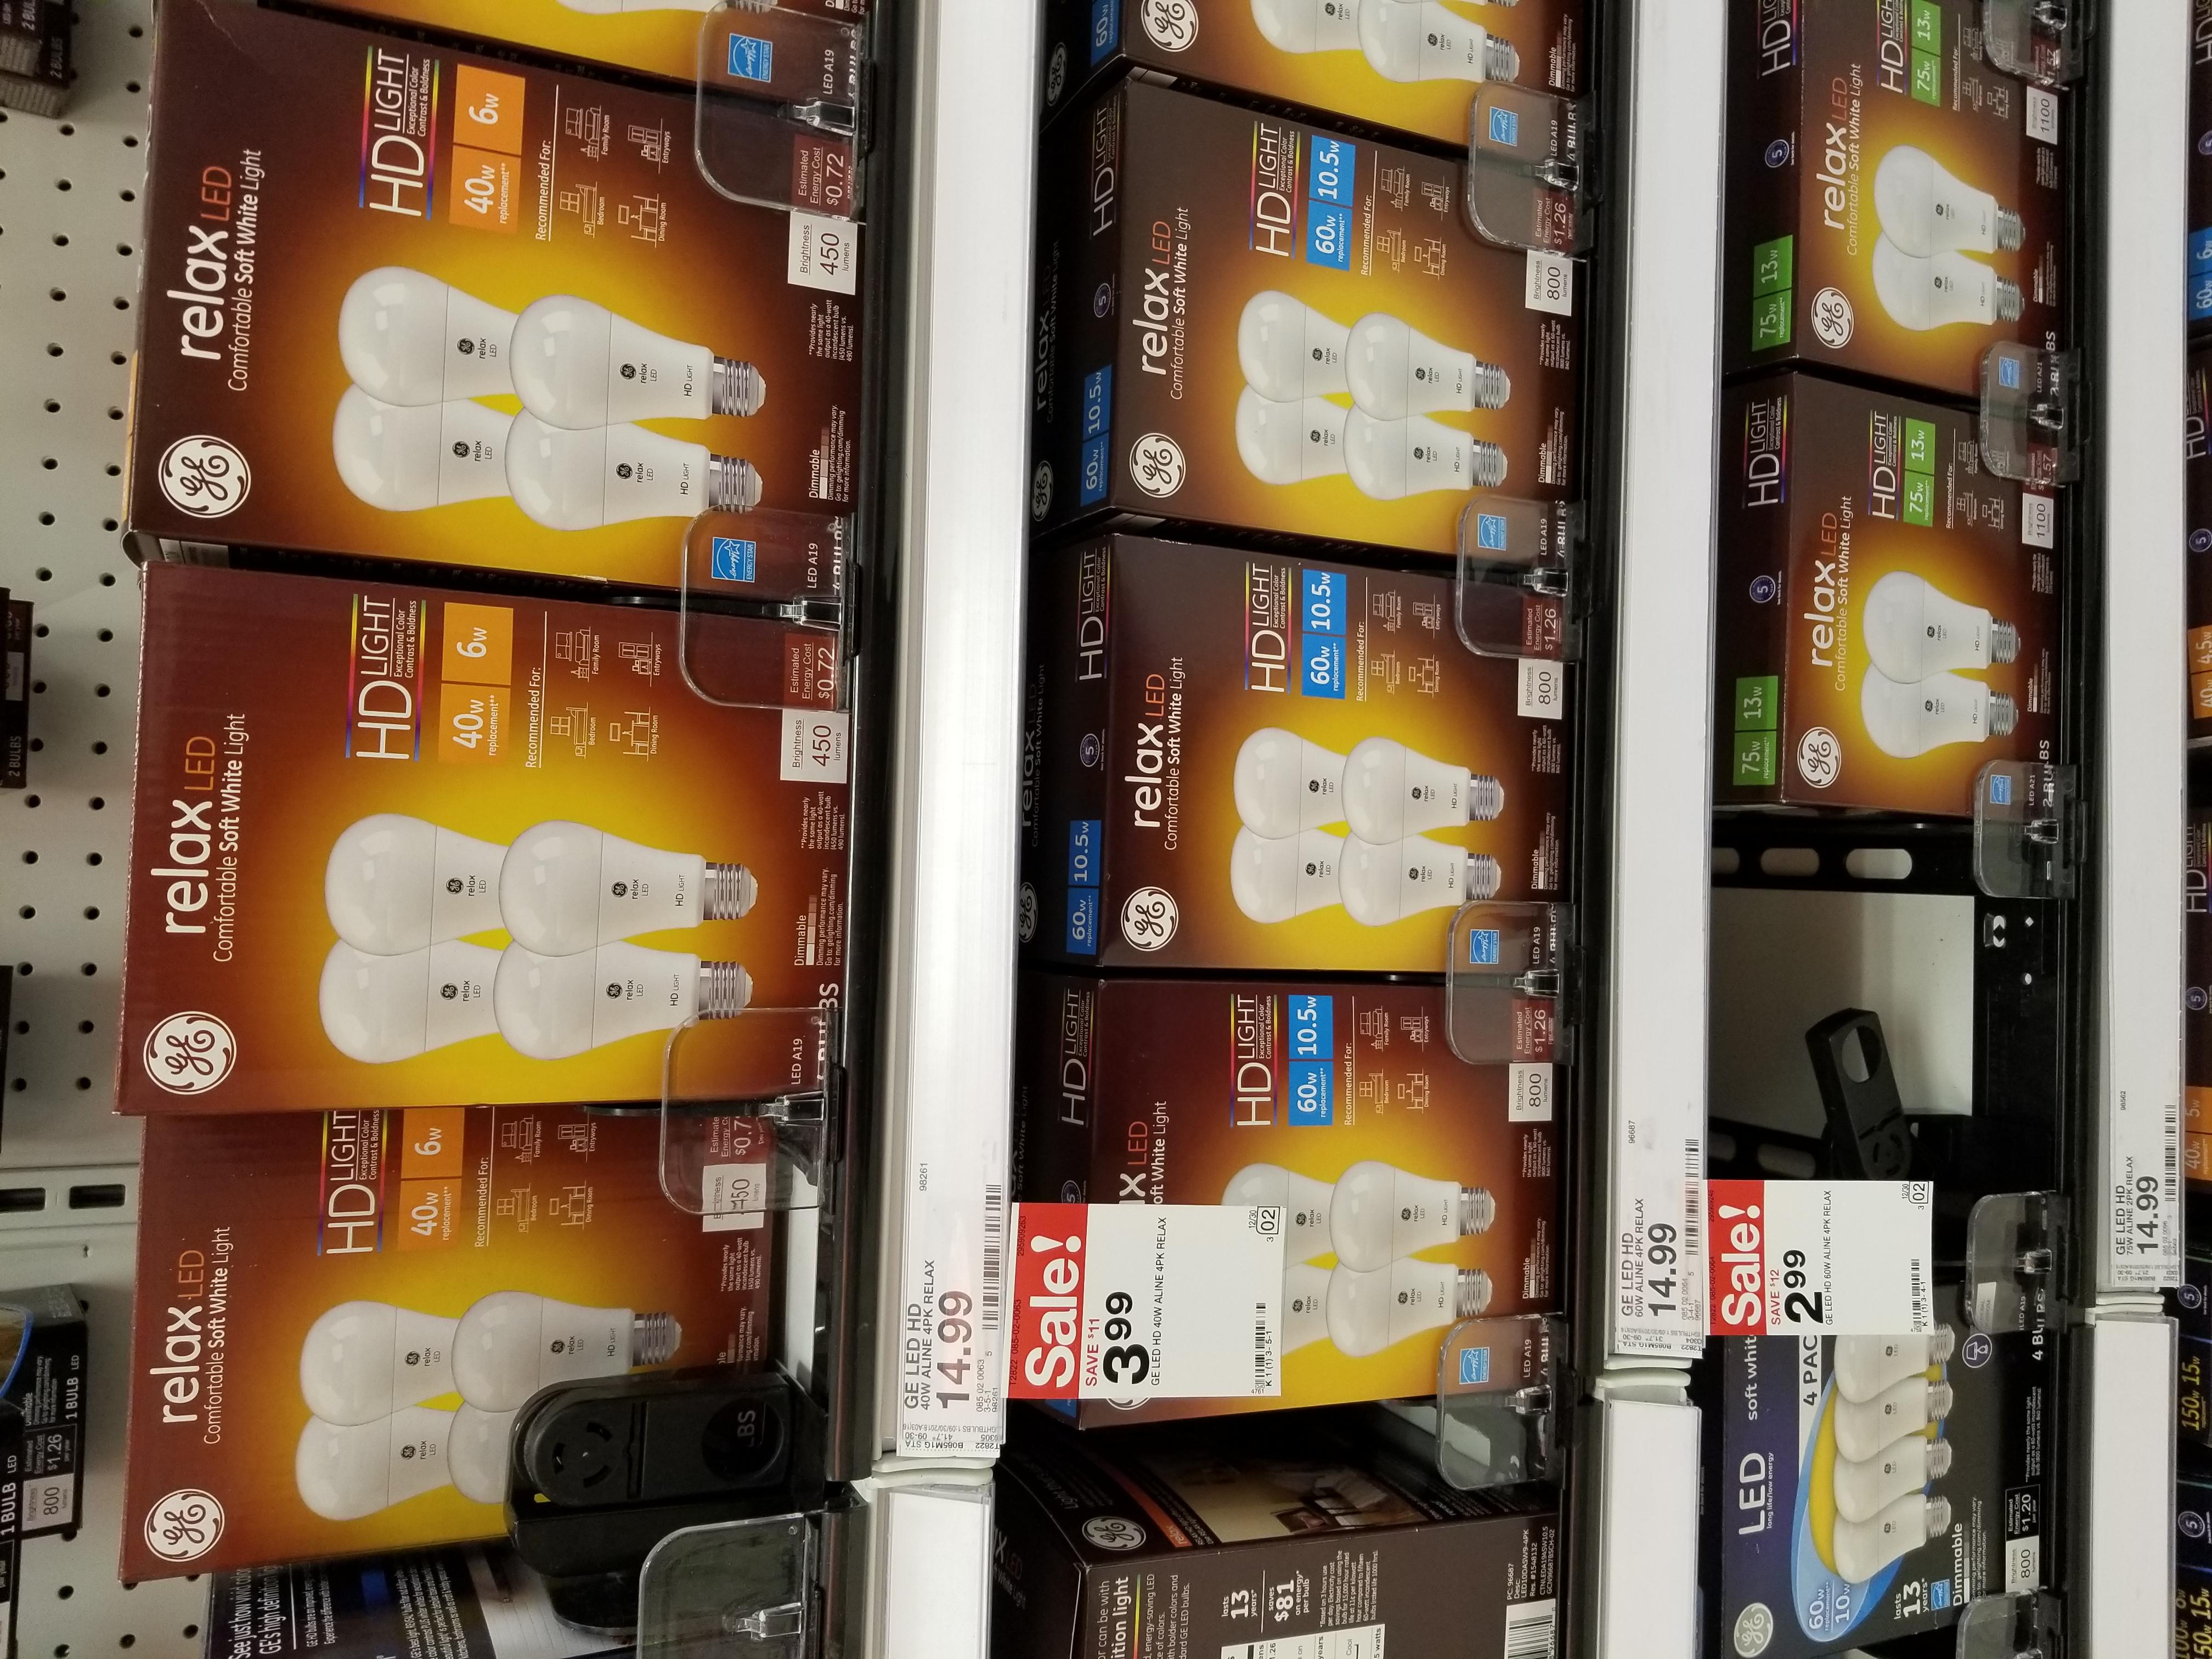 4/pk GE LED A19 Light Bulbs at Target B&M YMMV $2.99